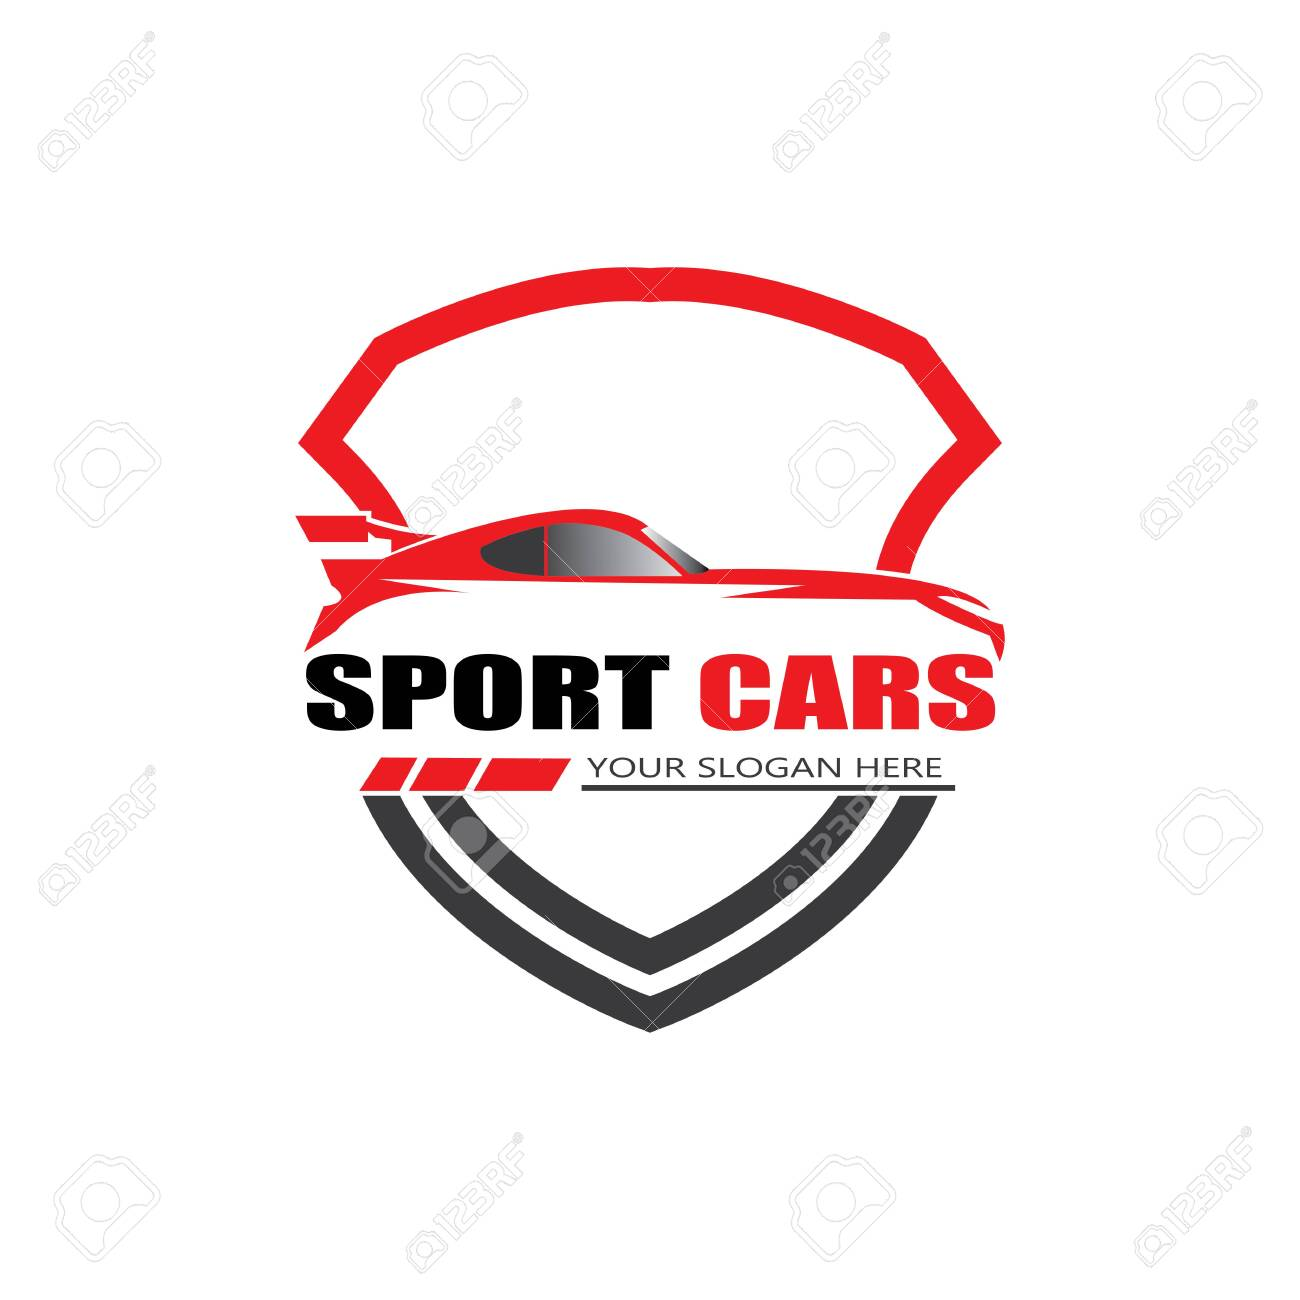 sport car logo template design vector - Vector - 146927986